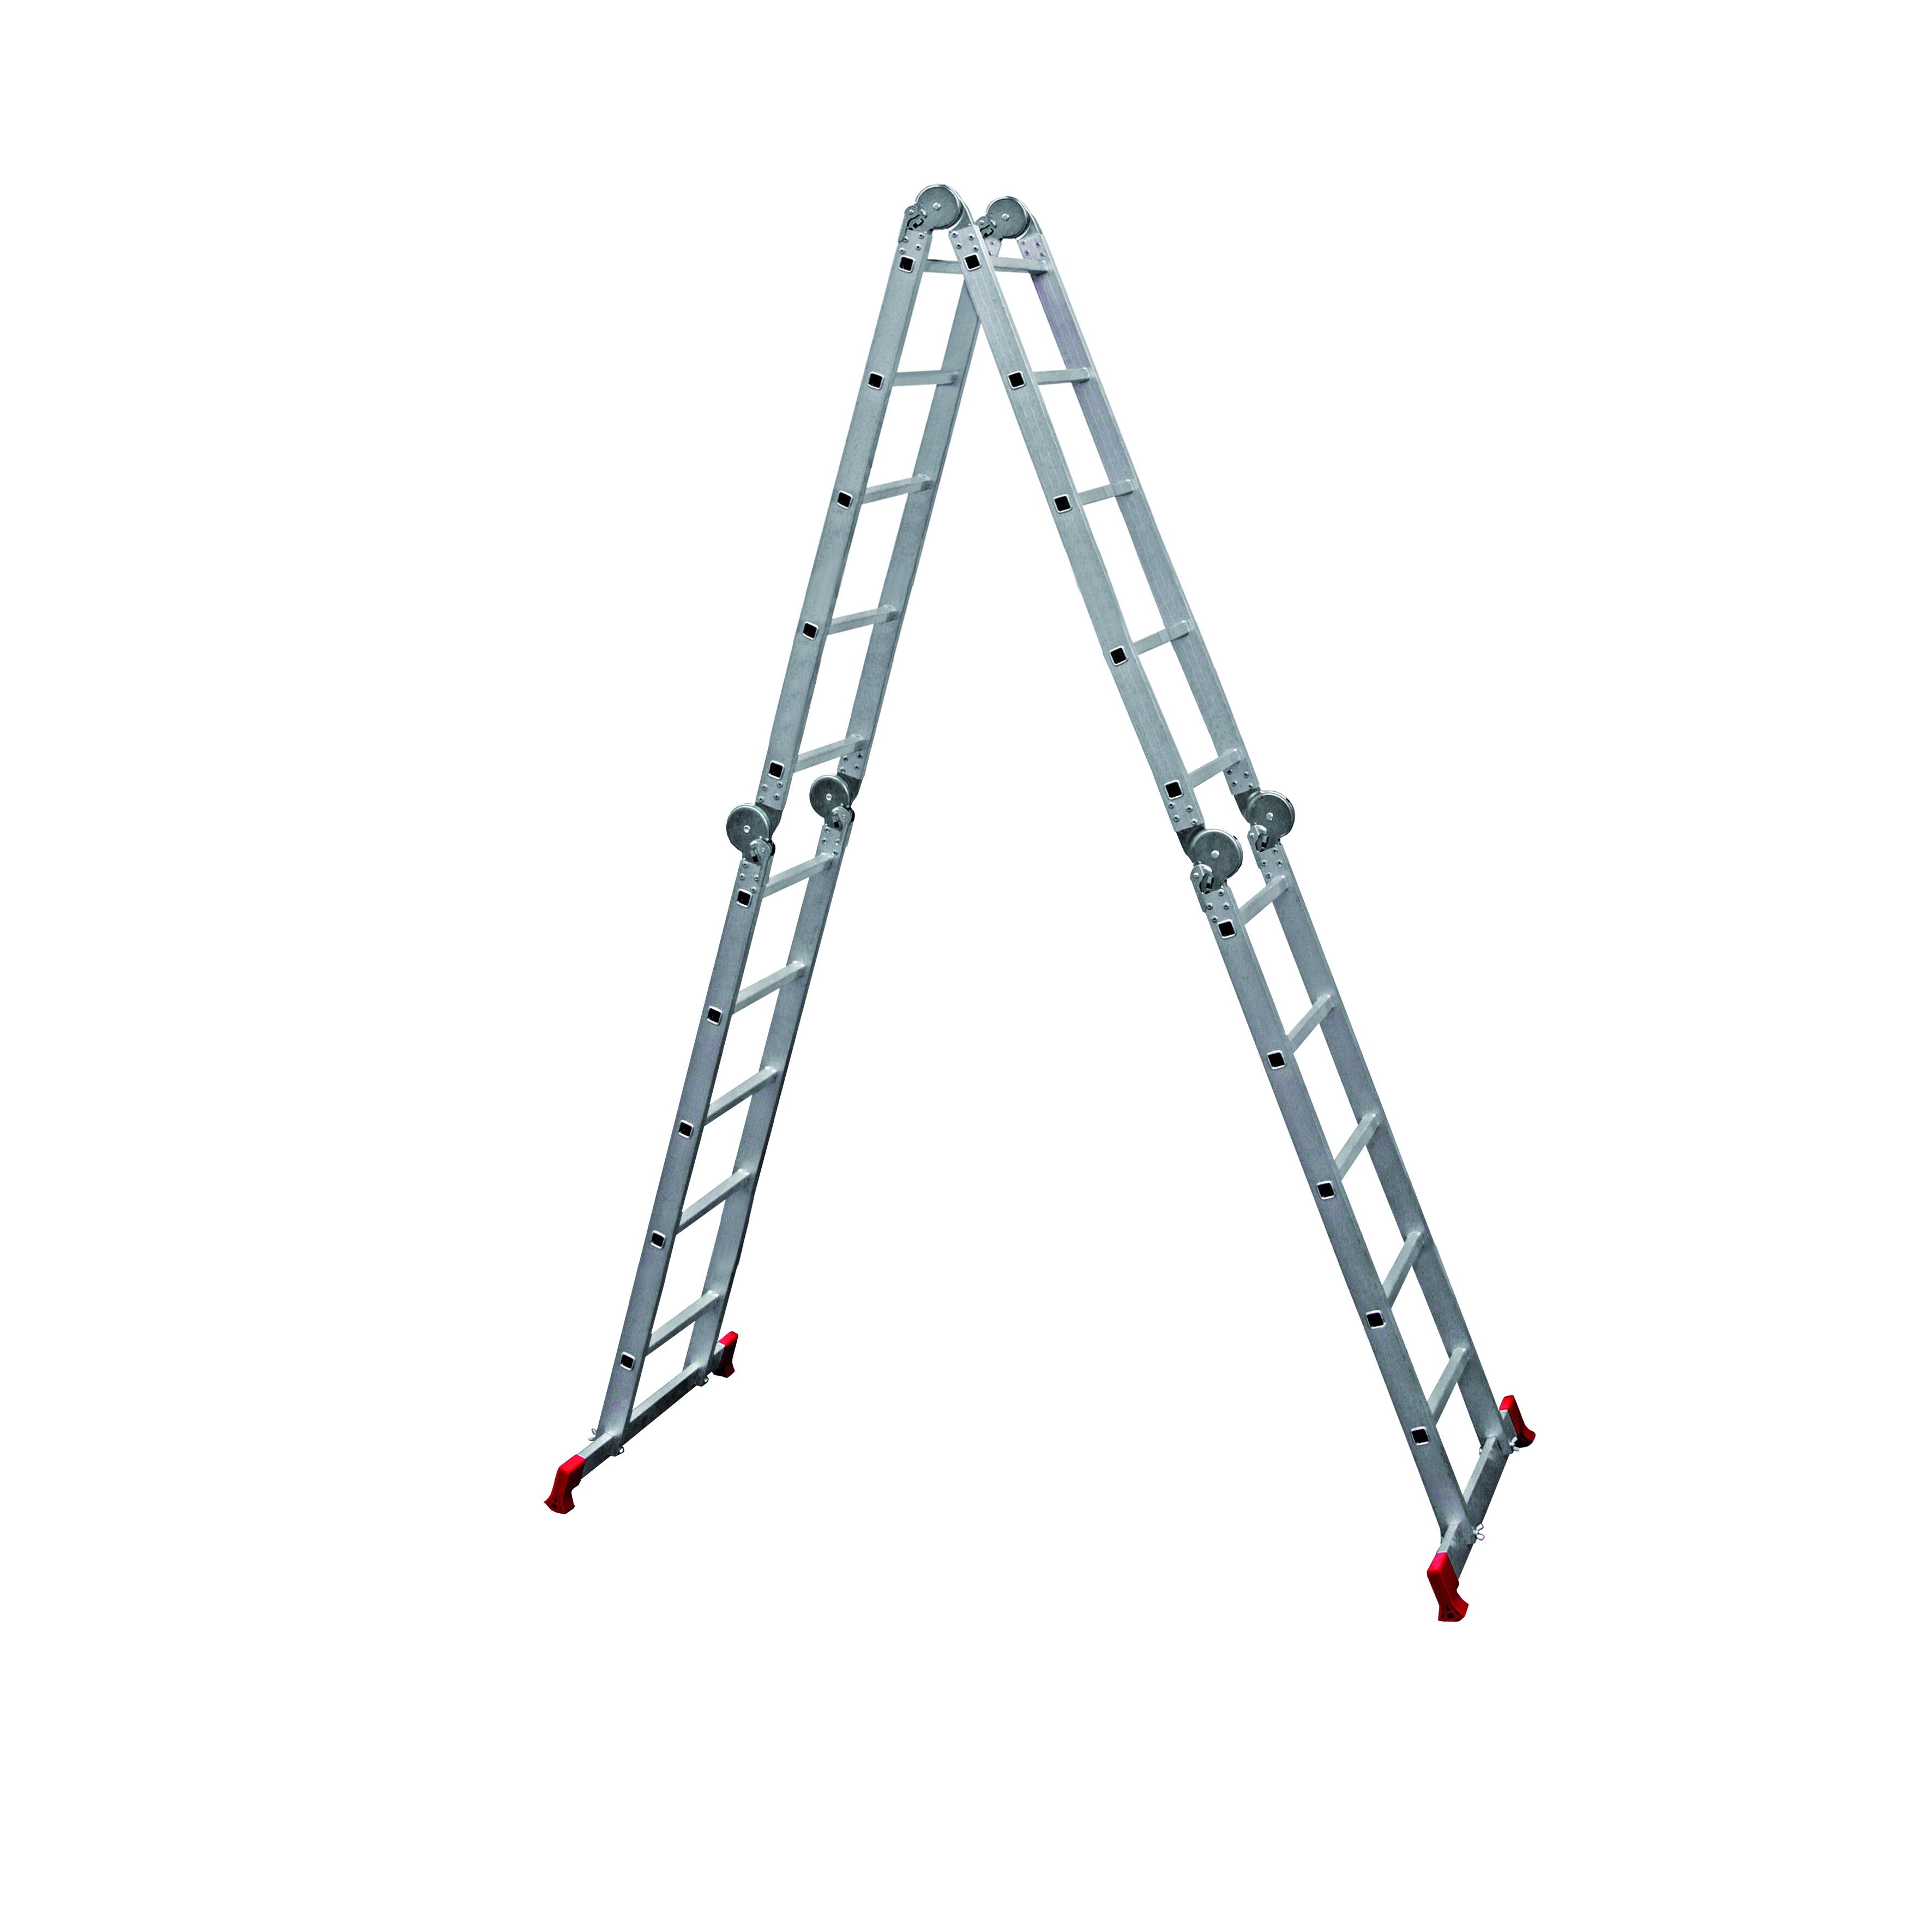 Лестница алюминиевая складная НОВАЯ ВЫСОТА 4х5 цена